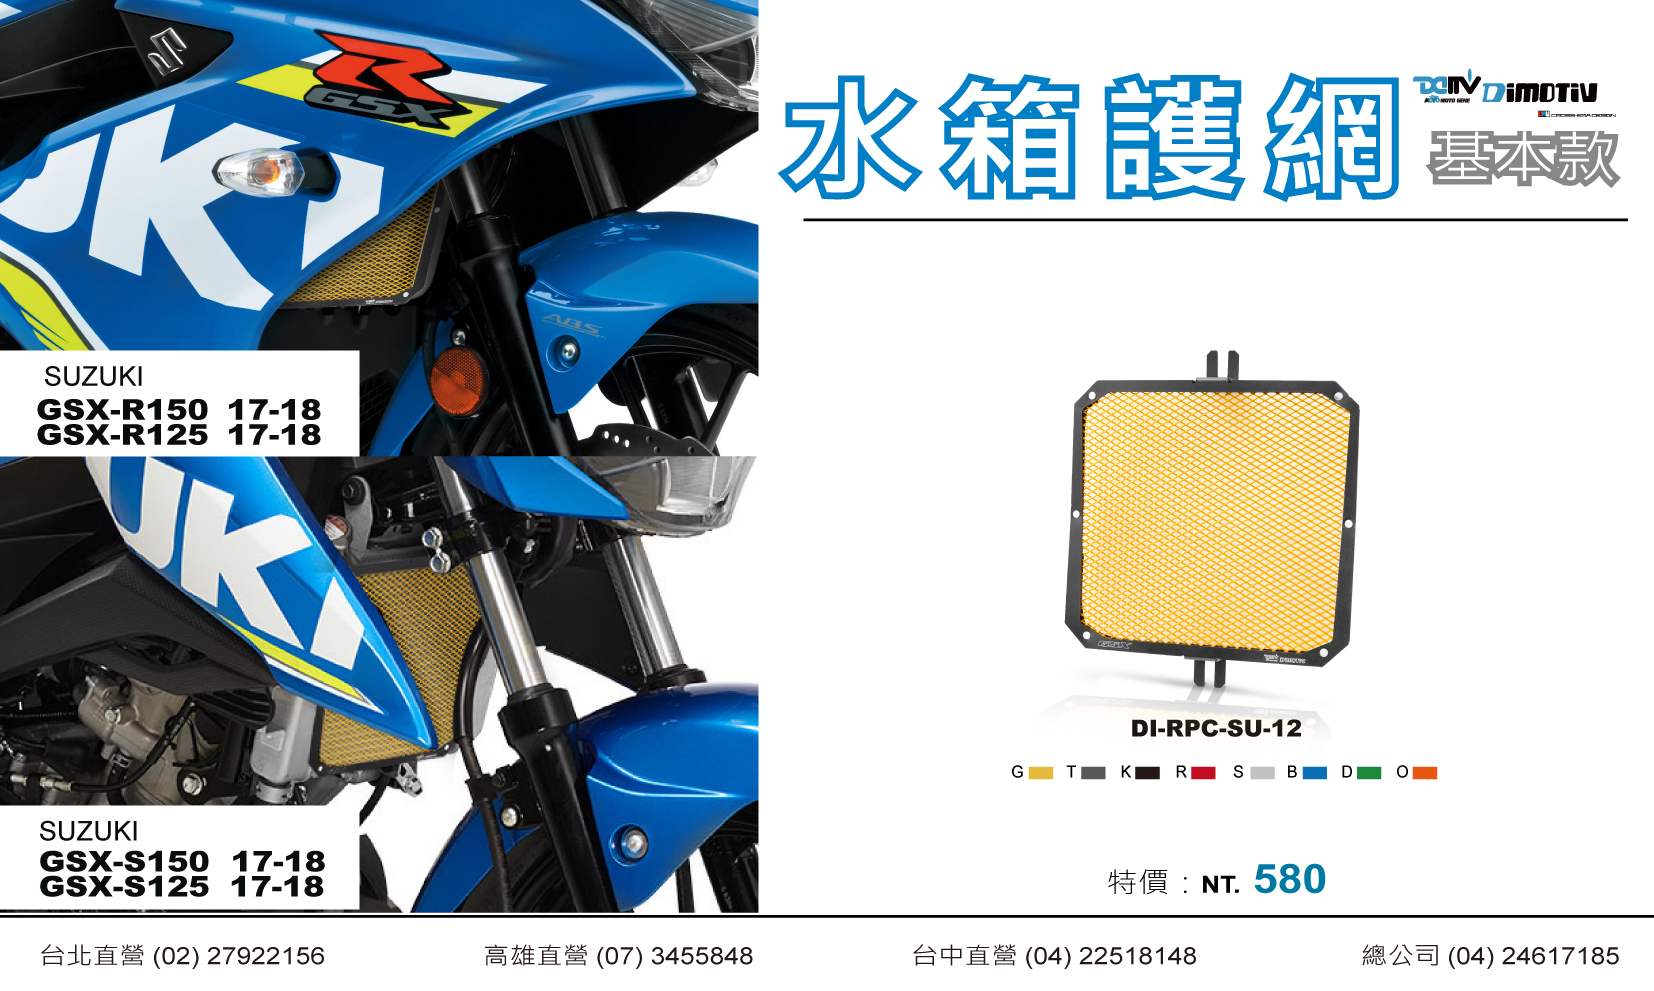 Dimotiv DMV SUZUKI 台鈴機車GSX R-150 S-150